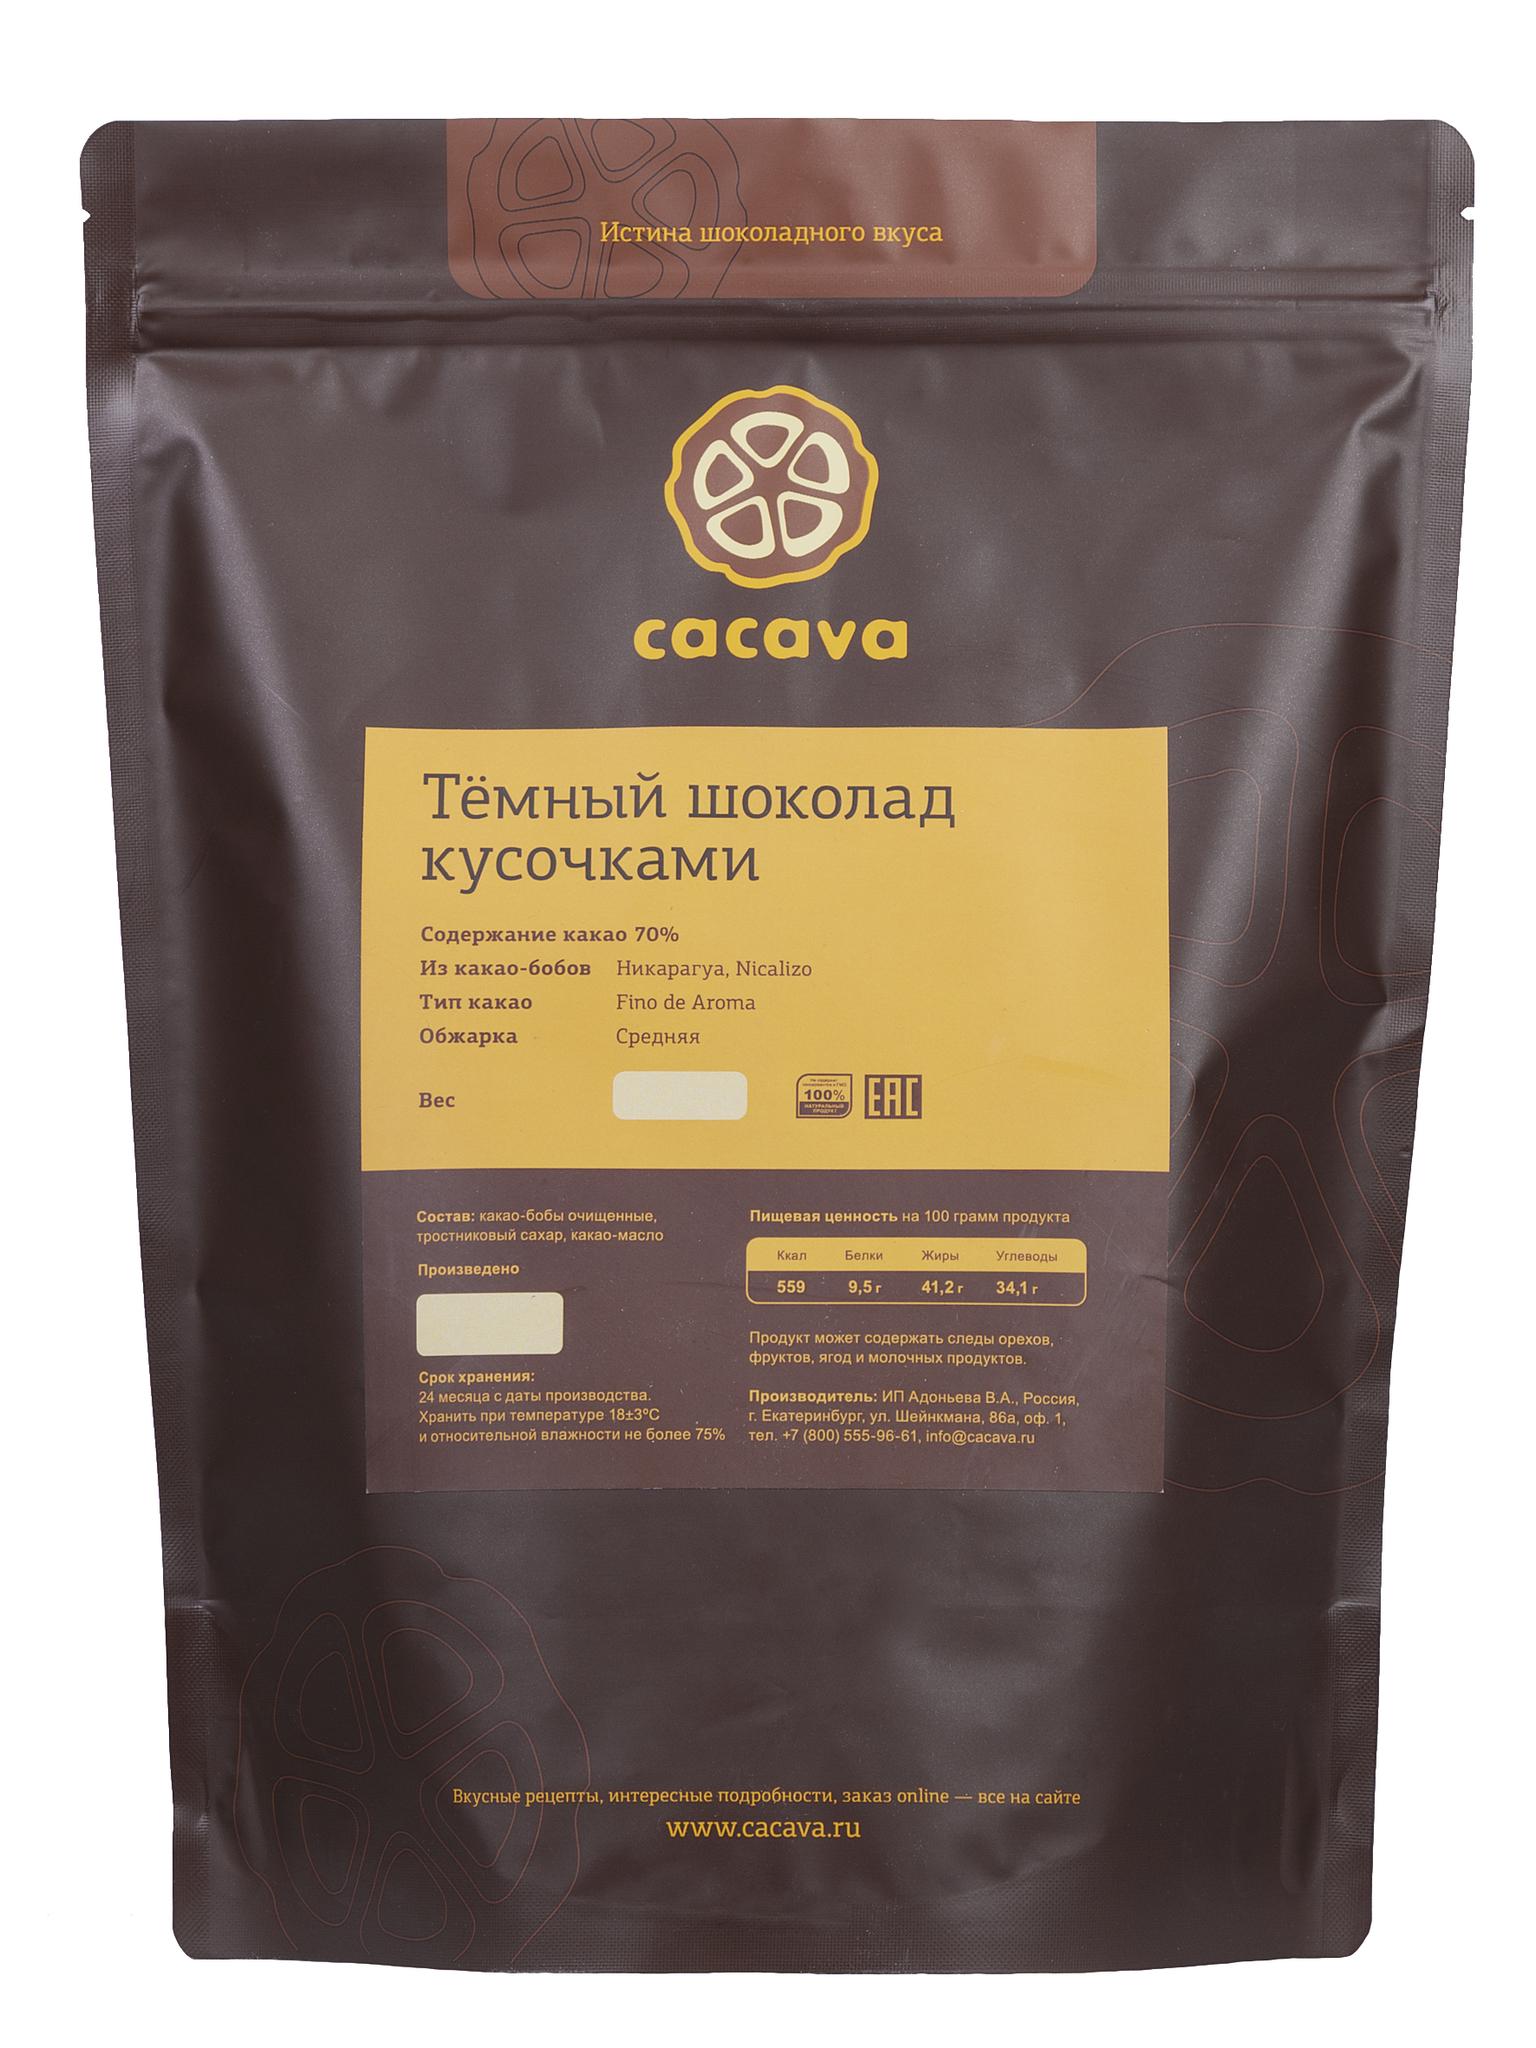 Тёмный шоколад 70 % какао (Никарагуа, Nicalizo), упаковка 1 кг